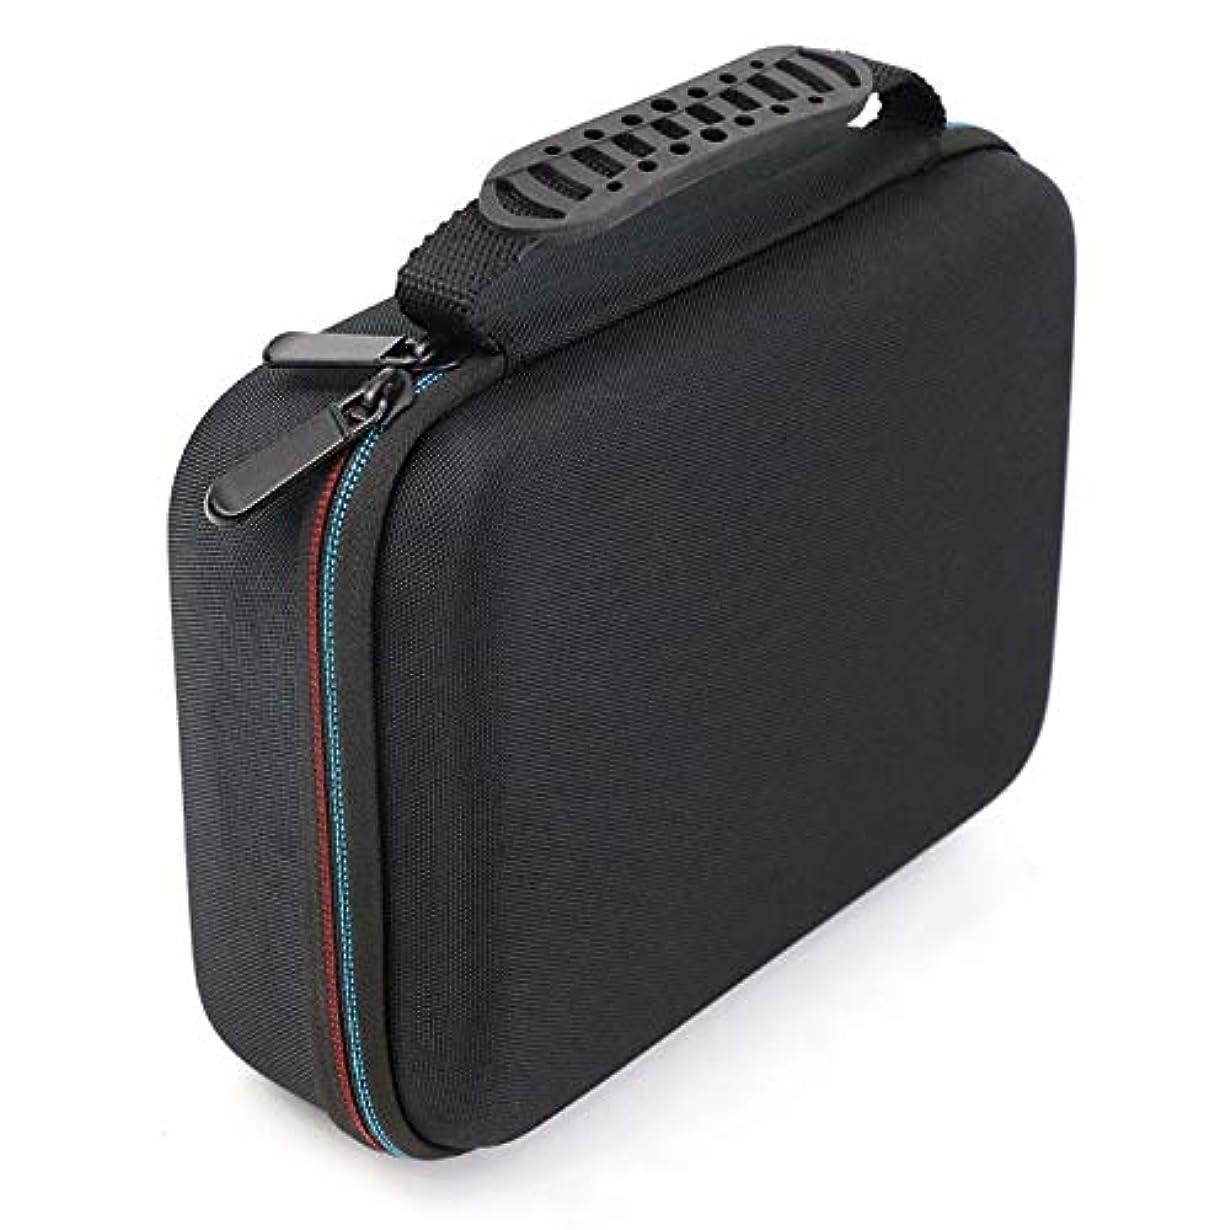 ワックス選挙一元化するACAMPTAR バリカンの収納ケース、携帯用ケース、耐衝撃バッグ、シェーバーのキット、Evaハードケース、収納バッグ、 Mgk3020/3060/3080用